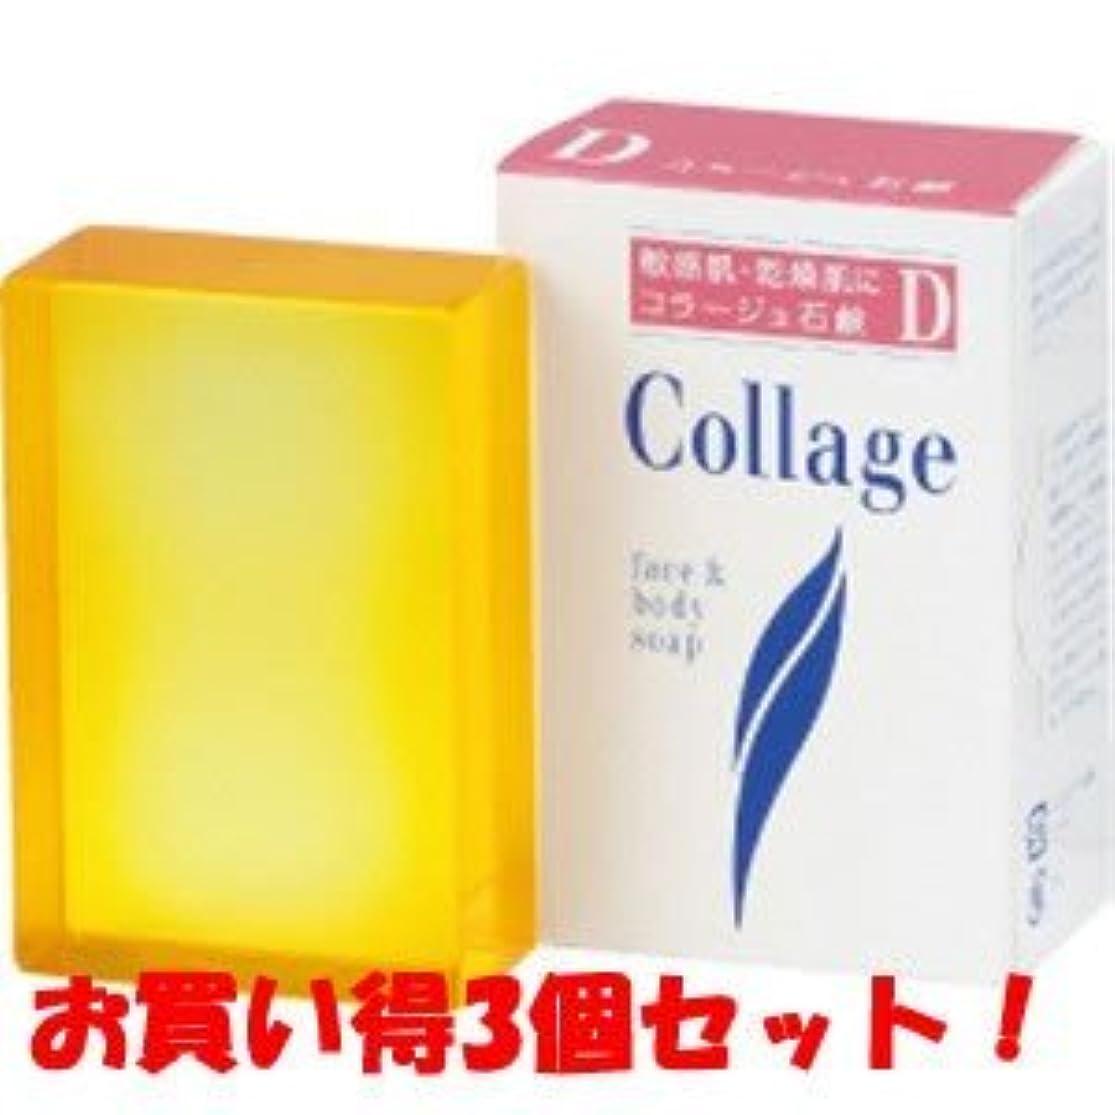 消毒する恐怖症横たわる(持田ヘルスケア)コラージュD乾性肌用石鹸 100g(お買い得3個セット)